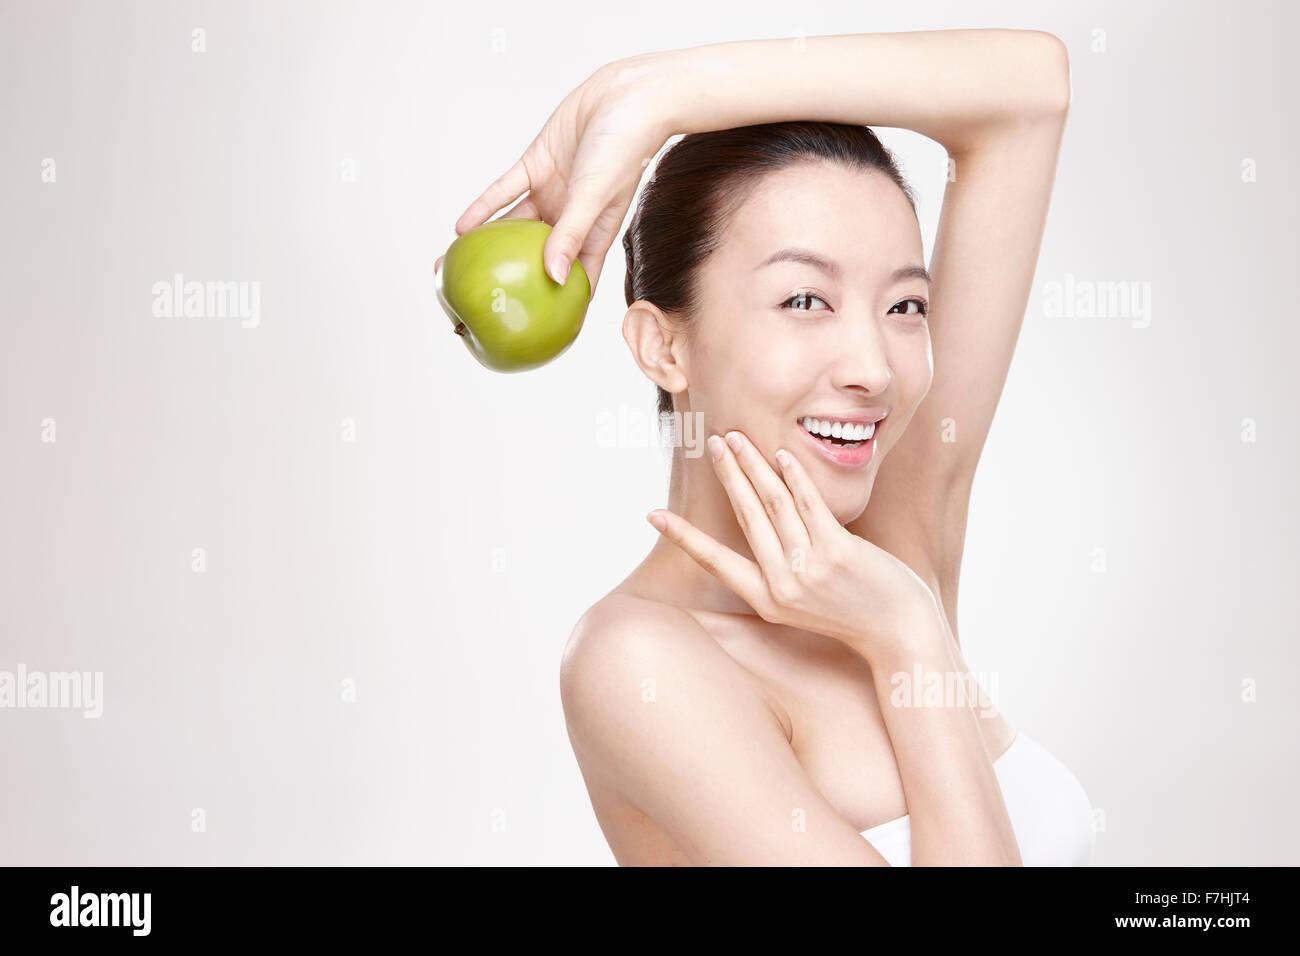 Mujer sonriente sosteniendo una manzana verde Imagen De Stock